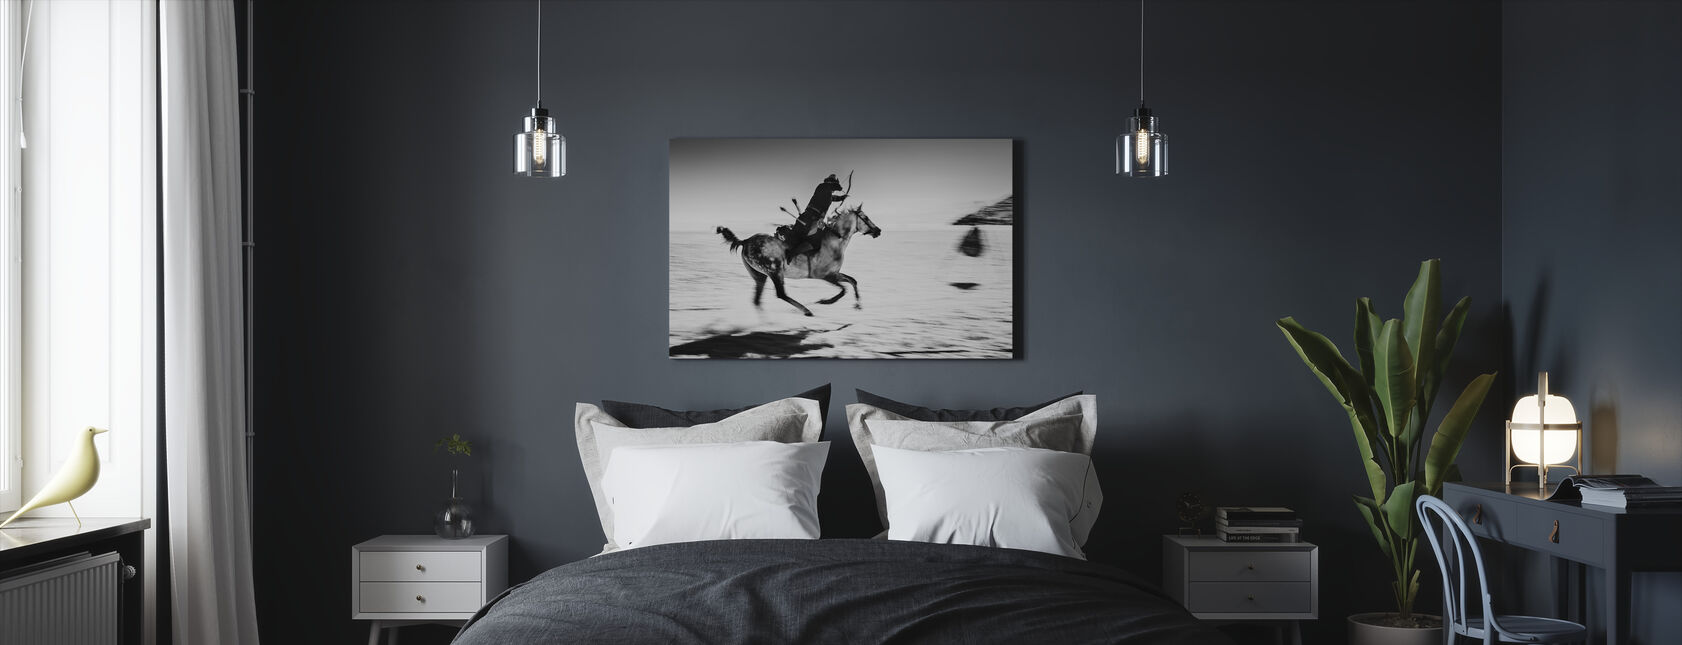 Galopping Pferd und Bowman, schwarz/weiß - Leinwandbild - Schlafzimmer